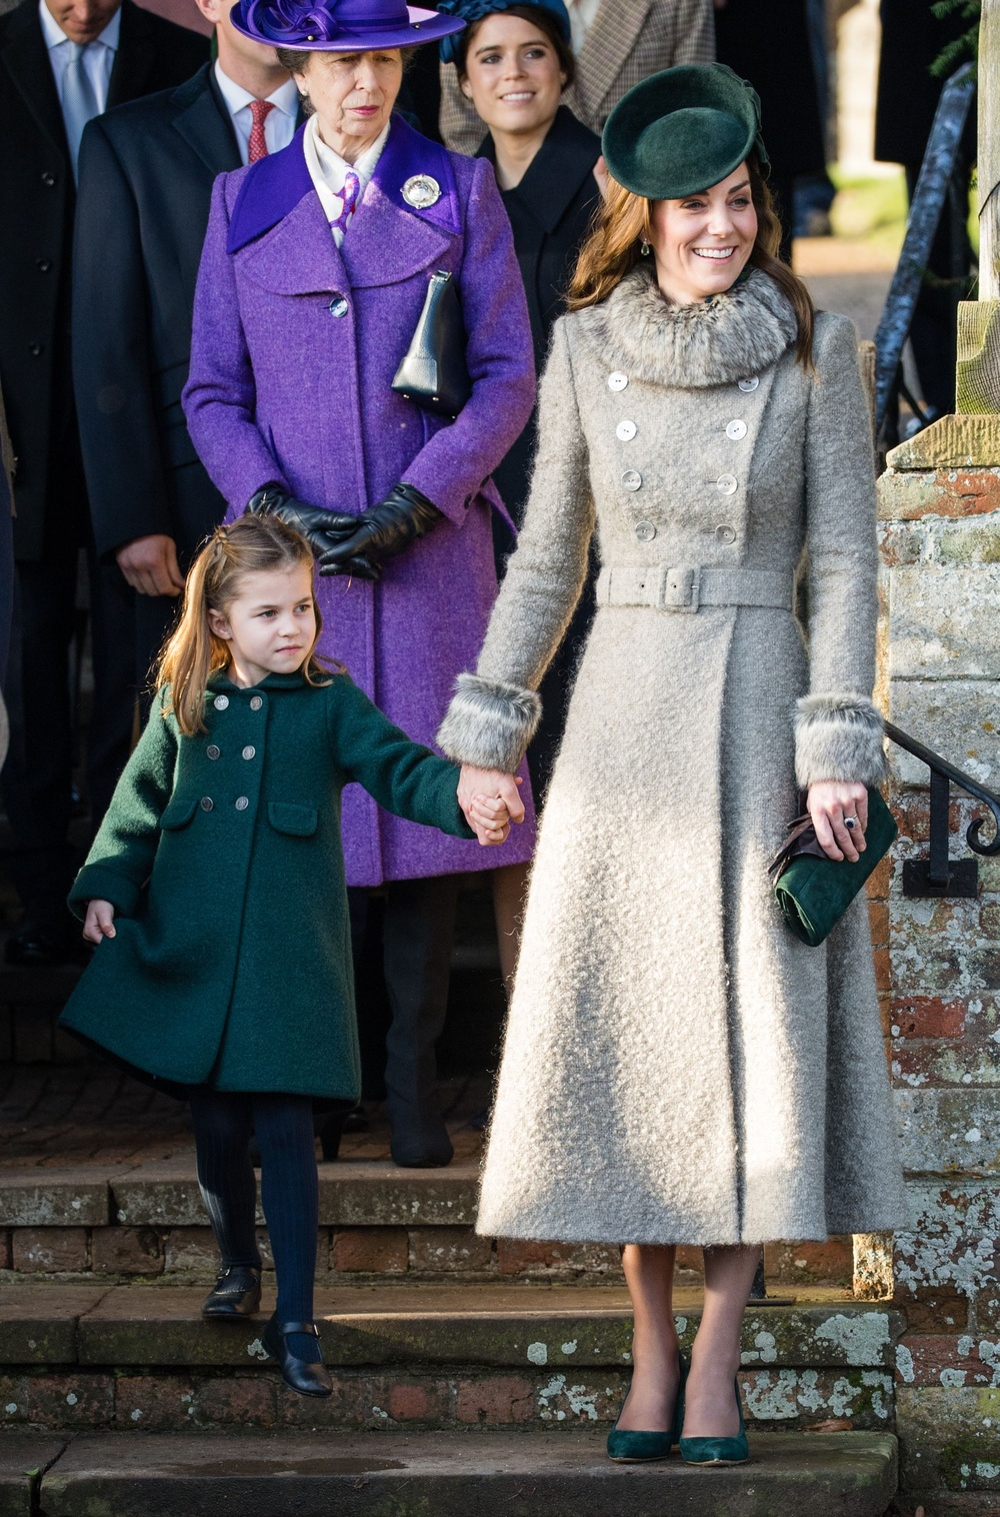 Tại sao phụ nữ hoàng gia luôn cầm theo túi xách? Ảnh 9